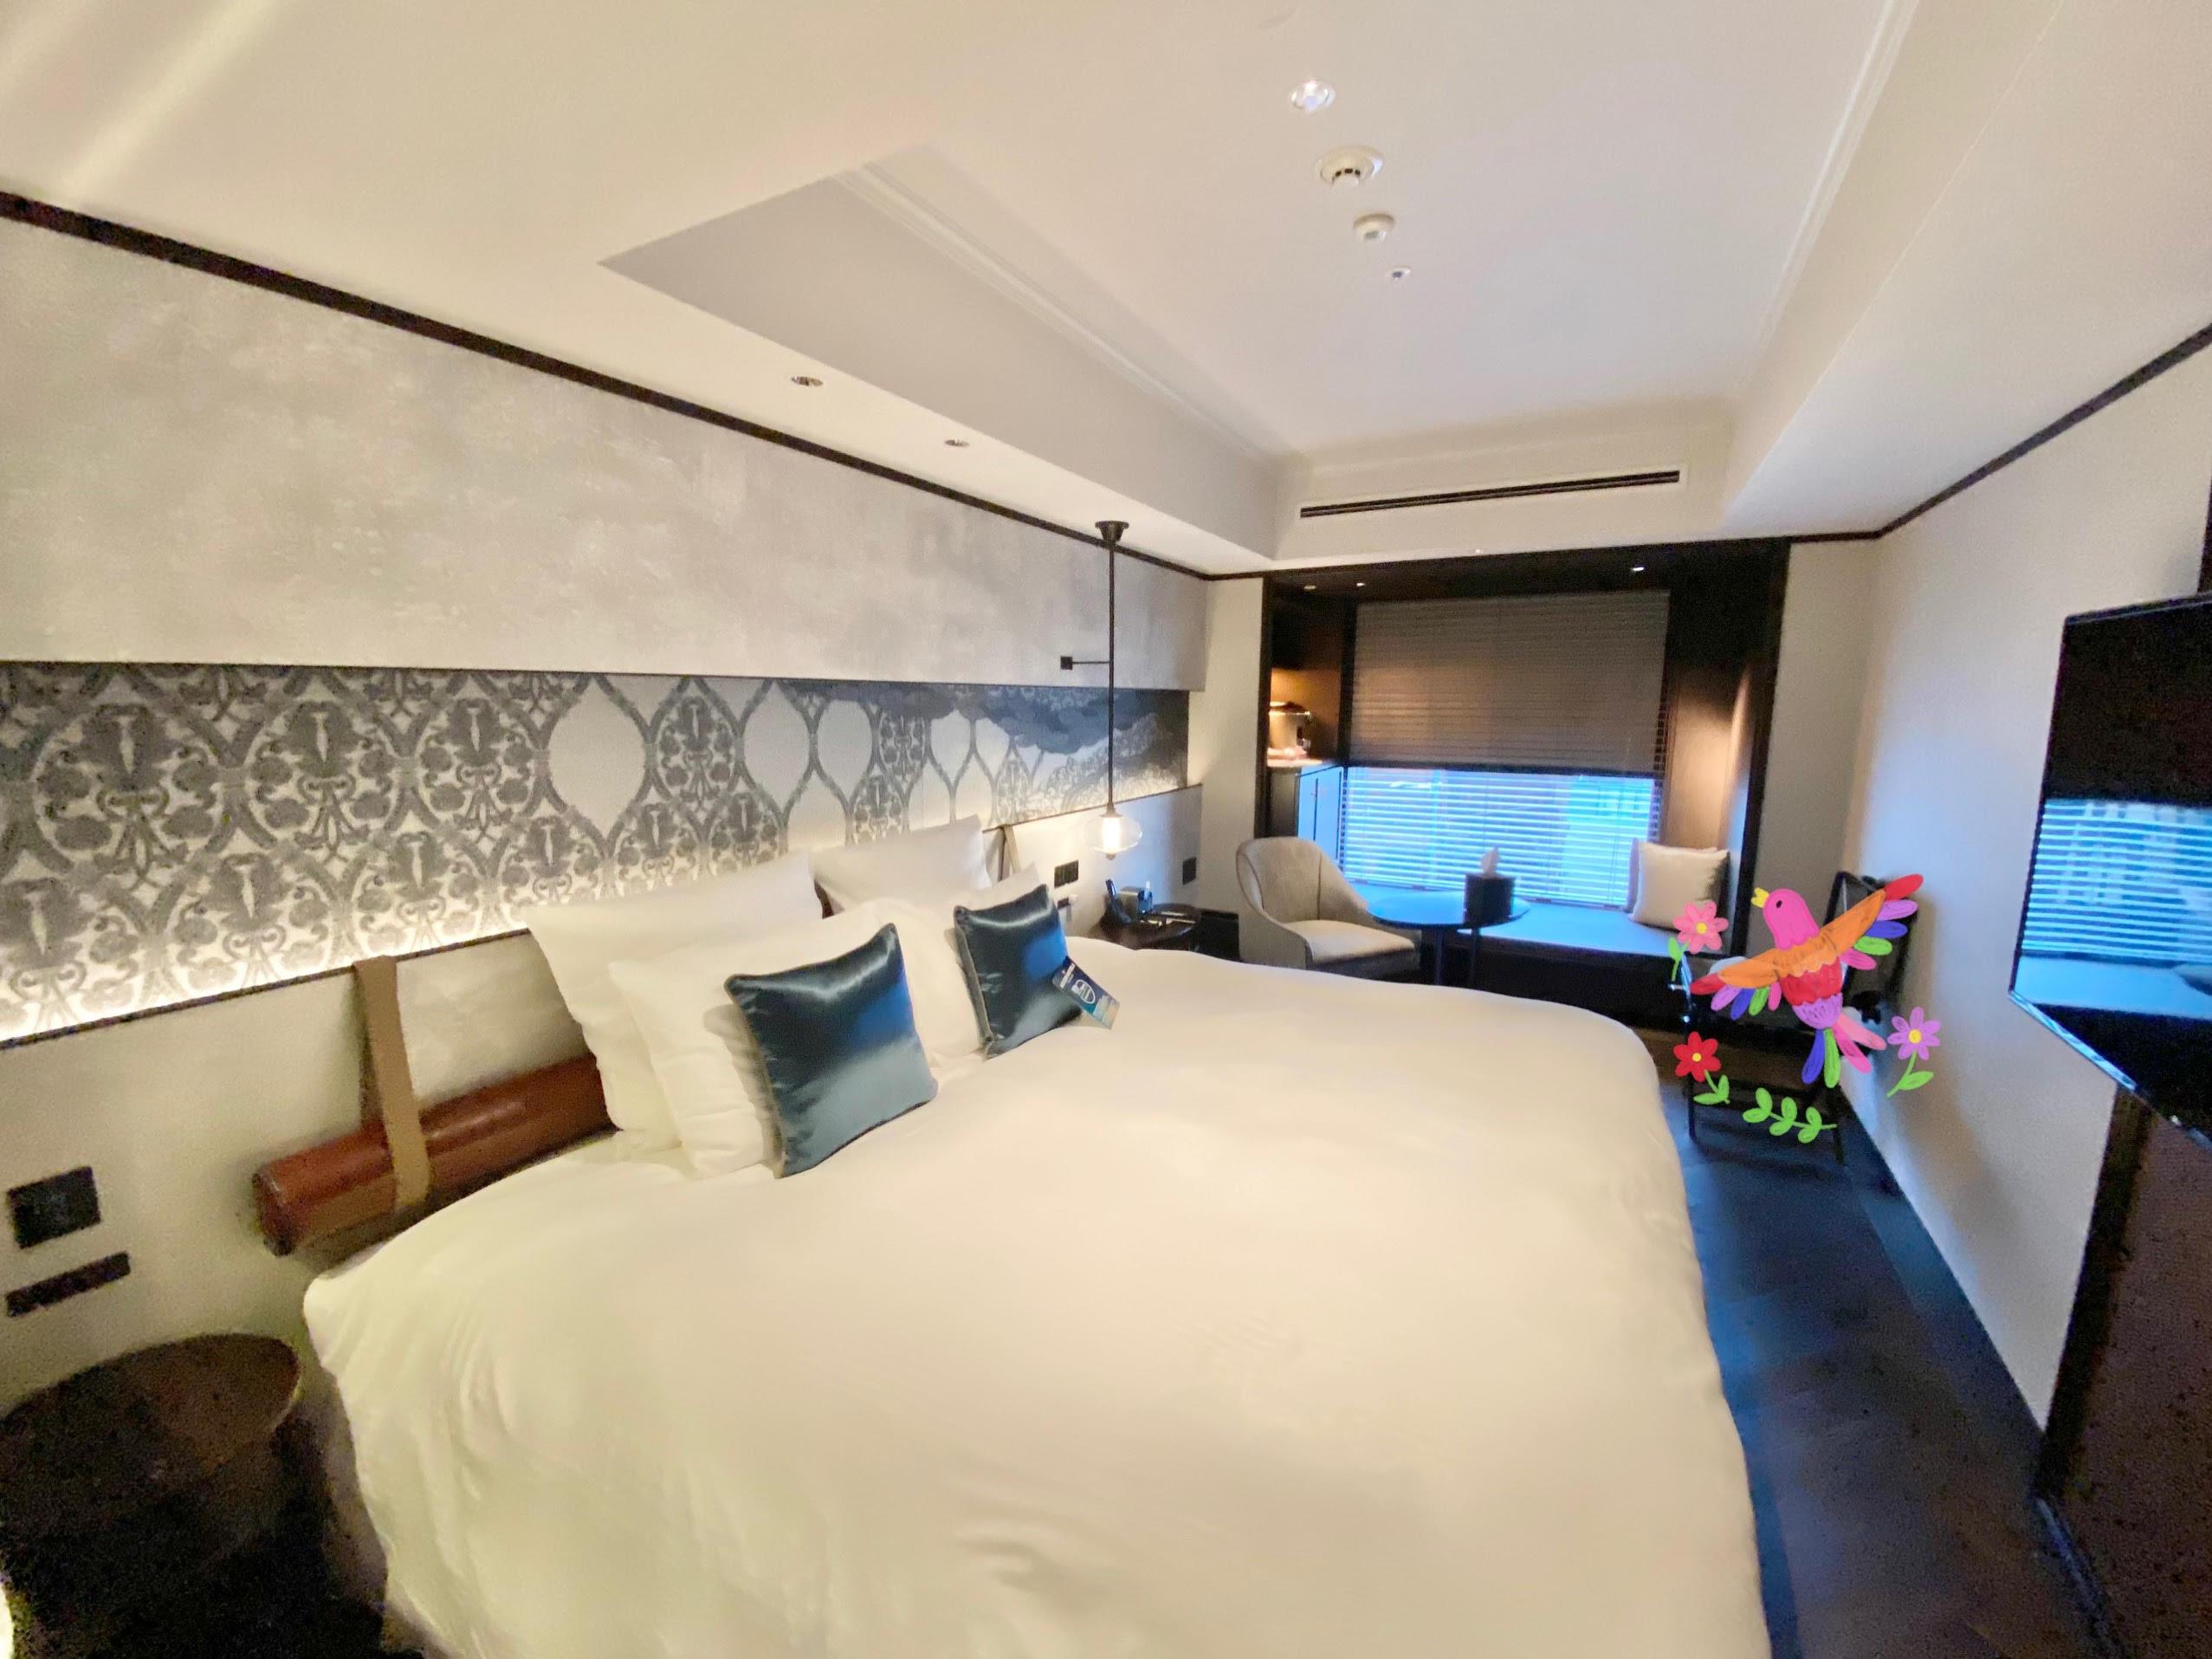 悠洛ホテルMギャラリー 客室内 ダブルルーム